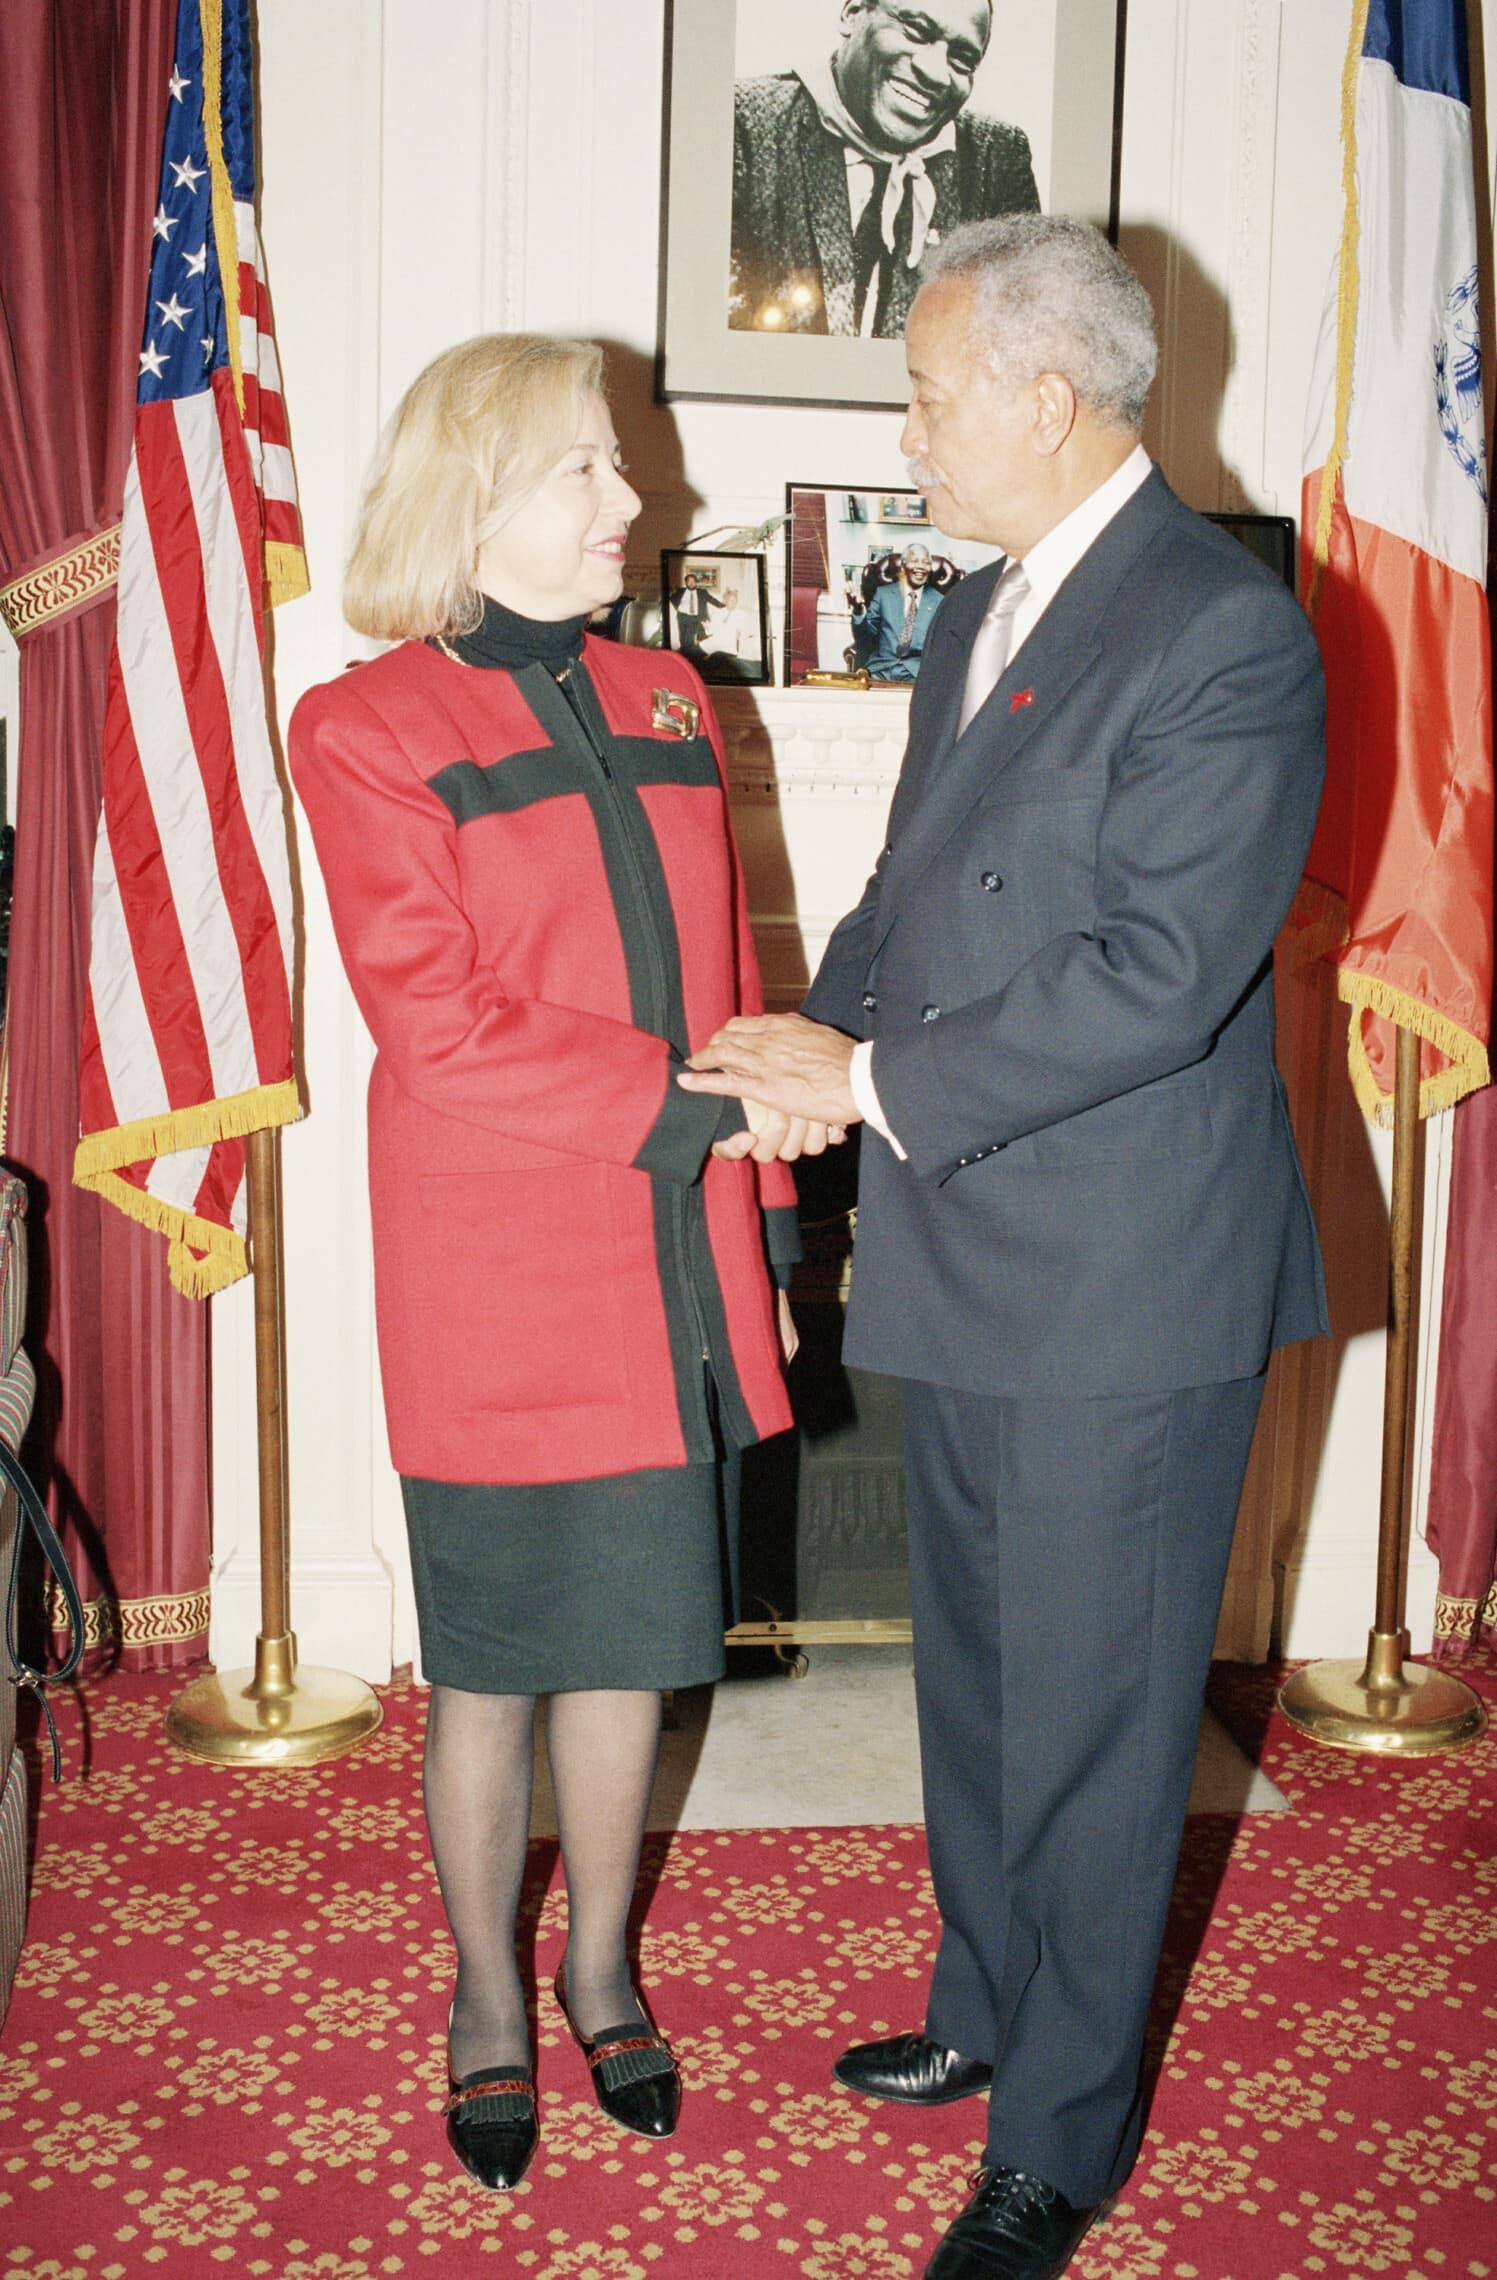 קולט אביטל, אז הקונסולית בניו יורק, עם ראש עיריית ניו יורק דאז דיוויד דיקינס, 25 בנובמבר 1992 (צילום: AP Photo/David Karp)